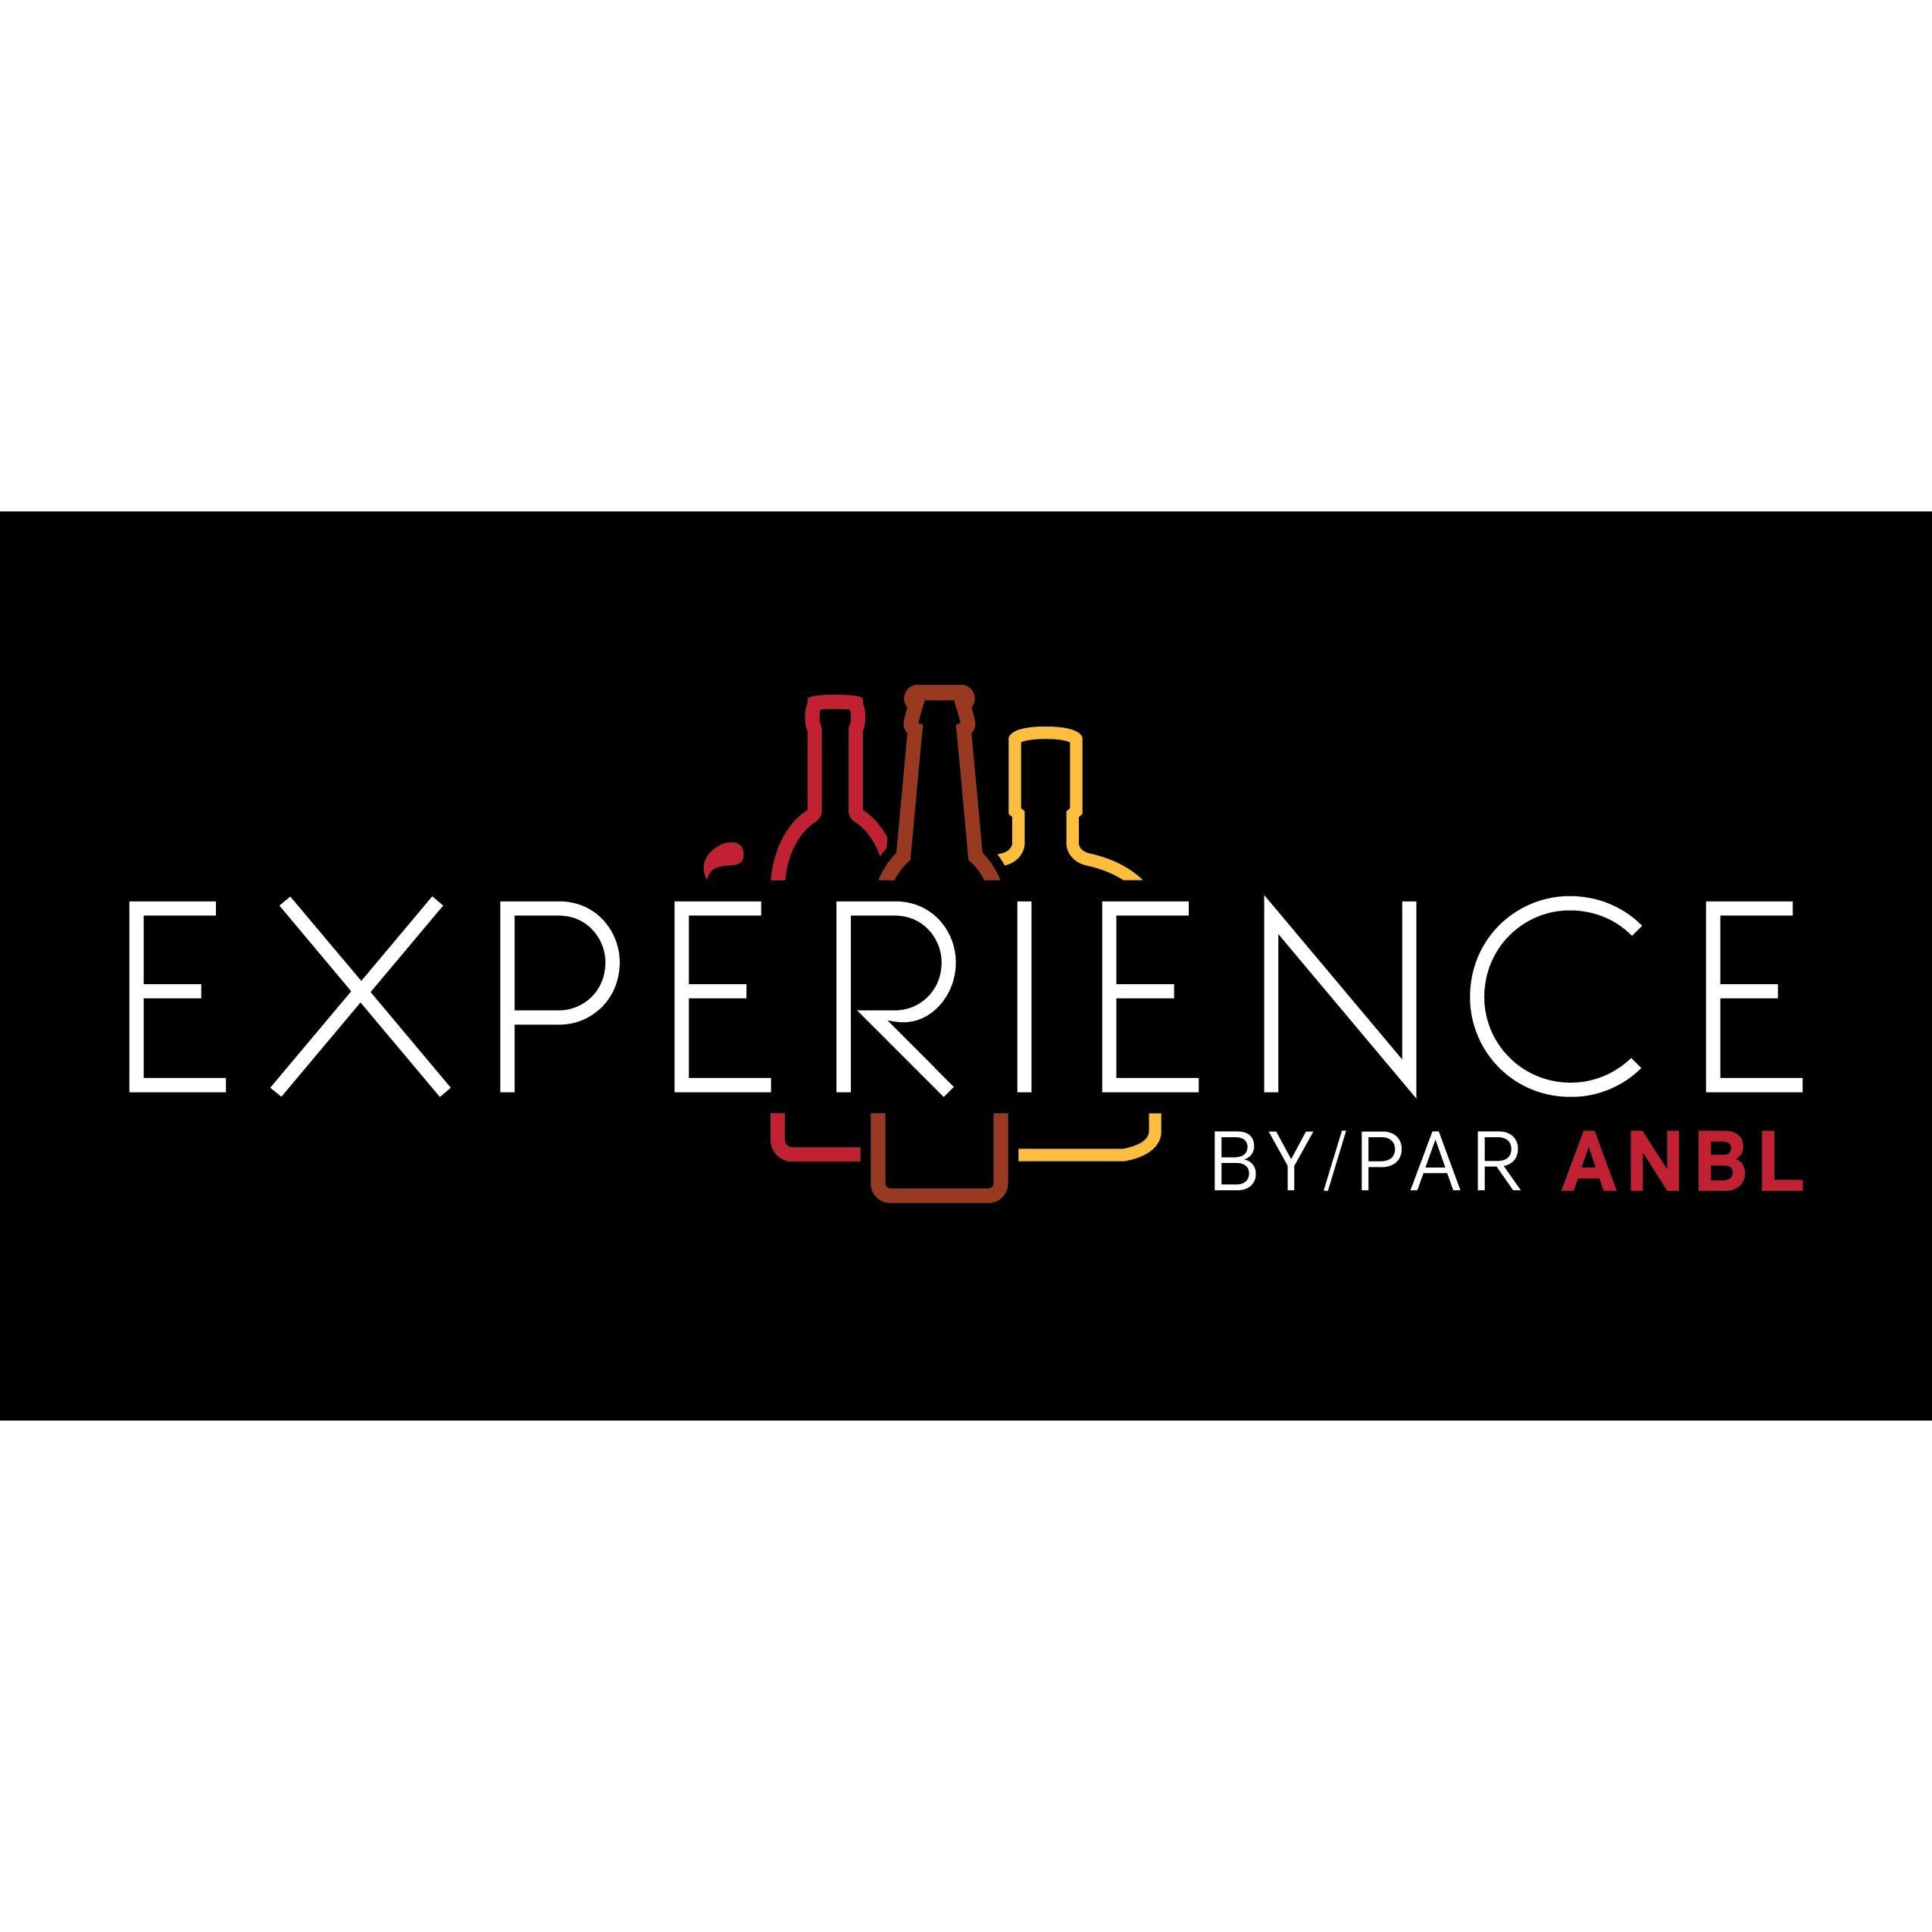 EXPÉRIENCE by/par ANBL